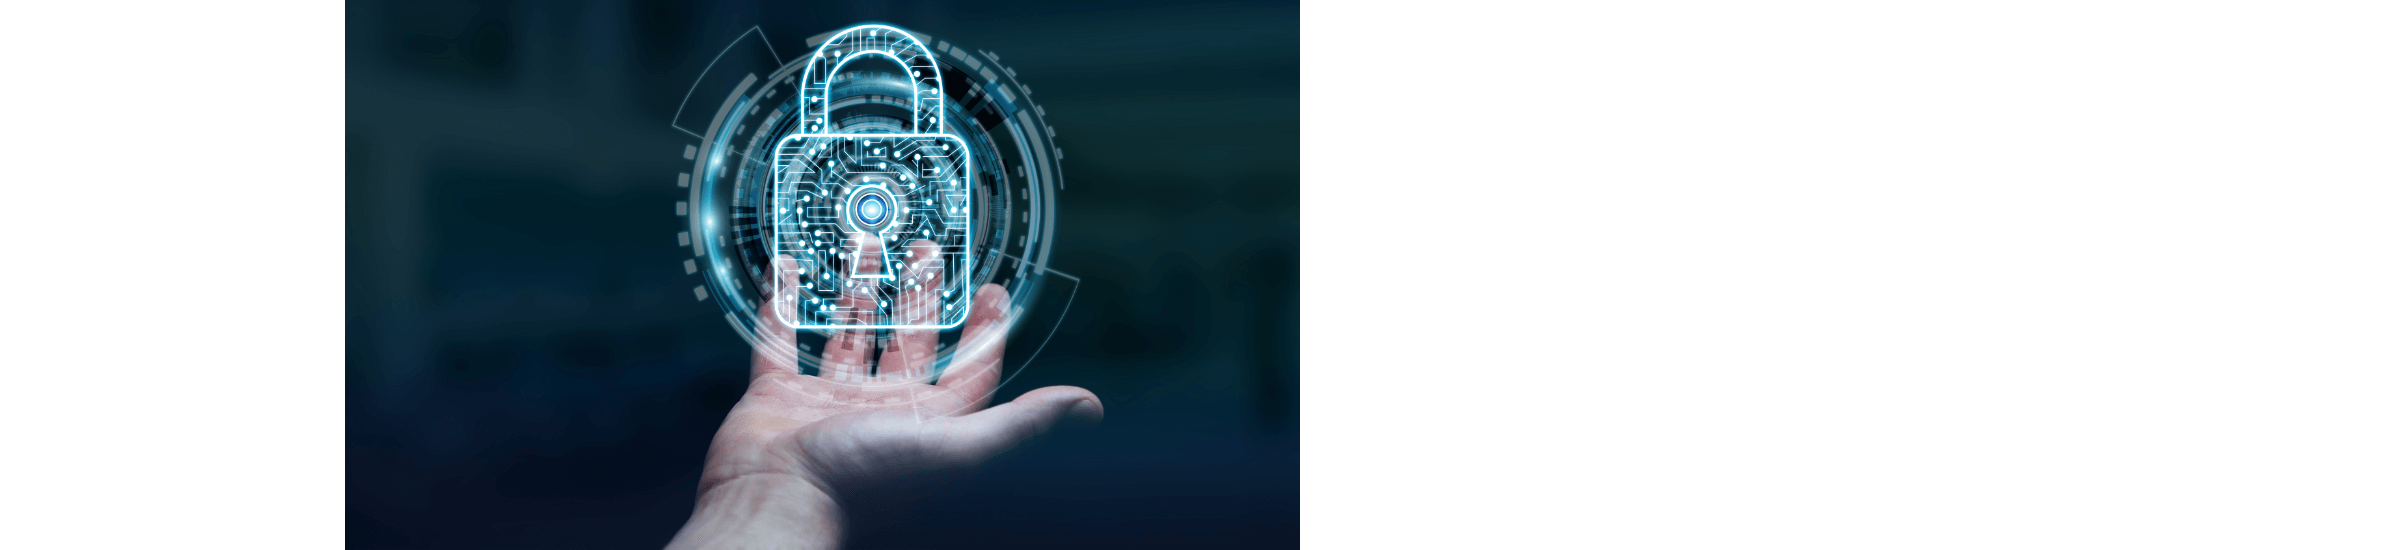 Datenschutzaudit - Mit dem Brachenexperten Renovatio GmbH